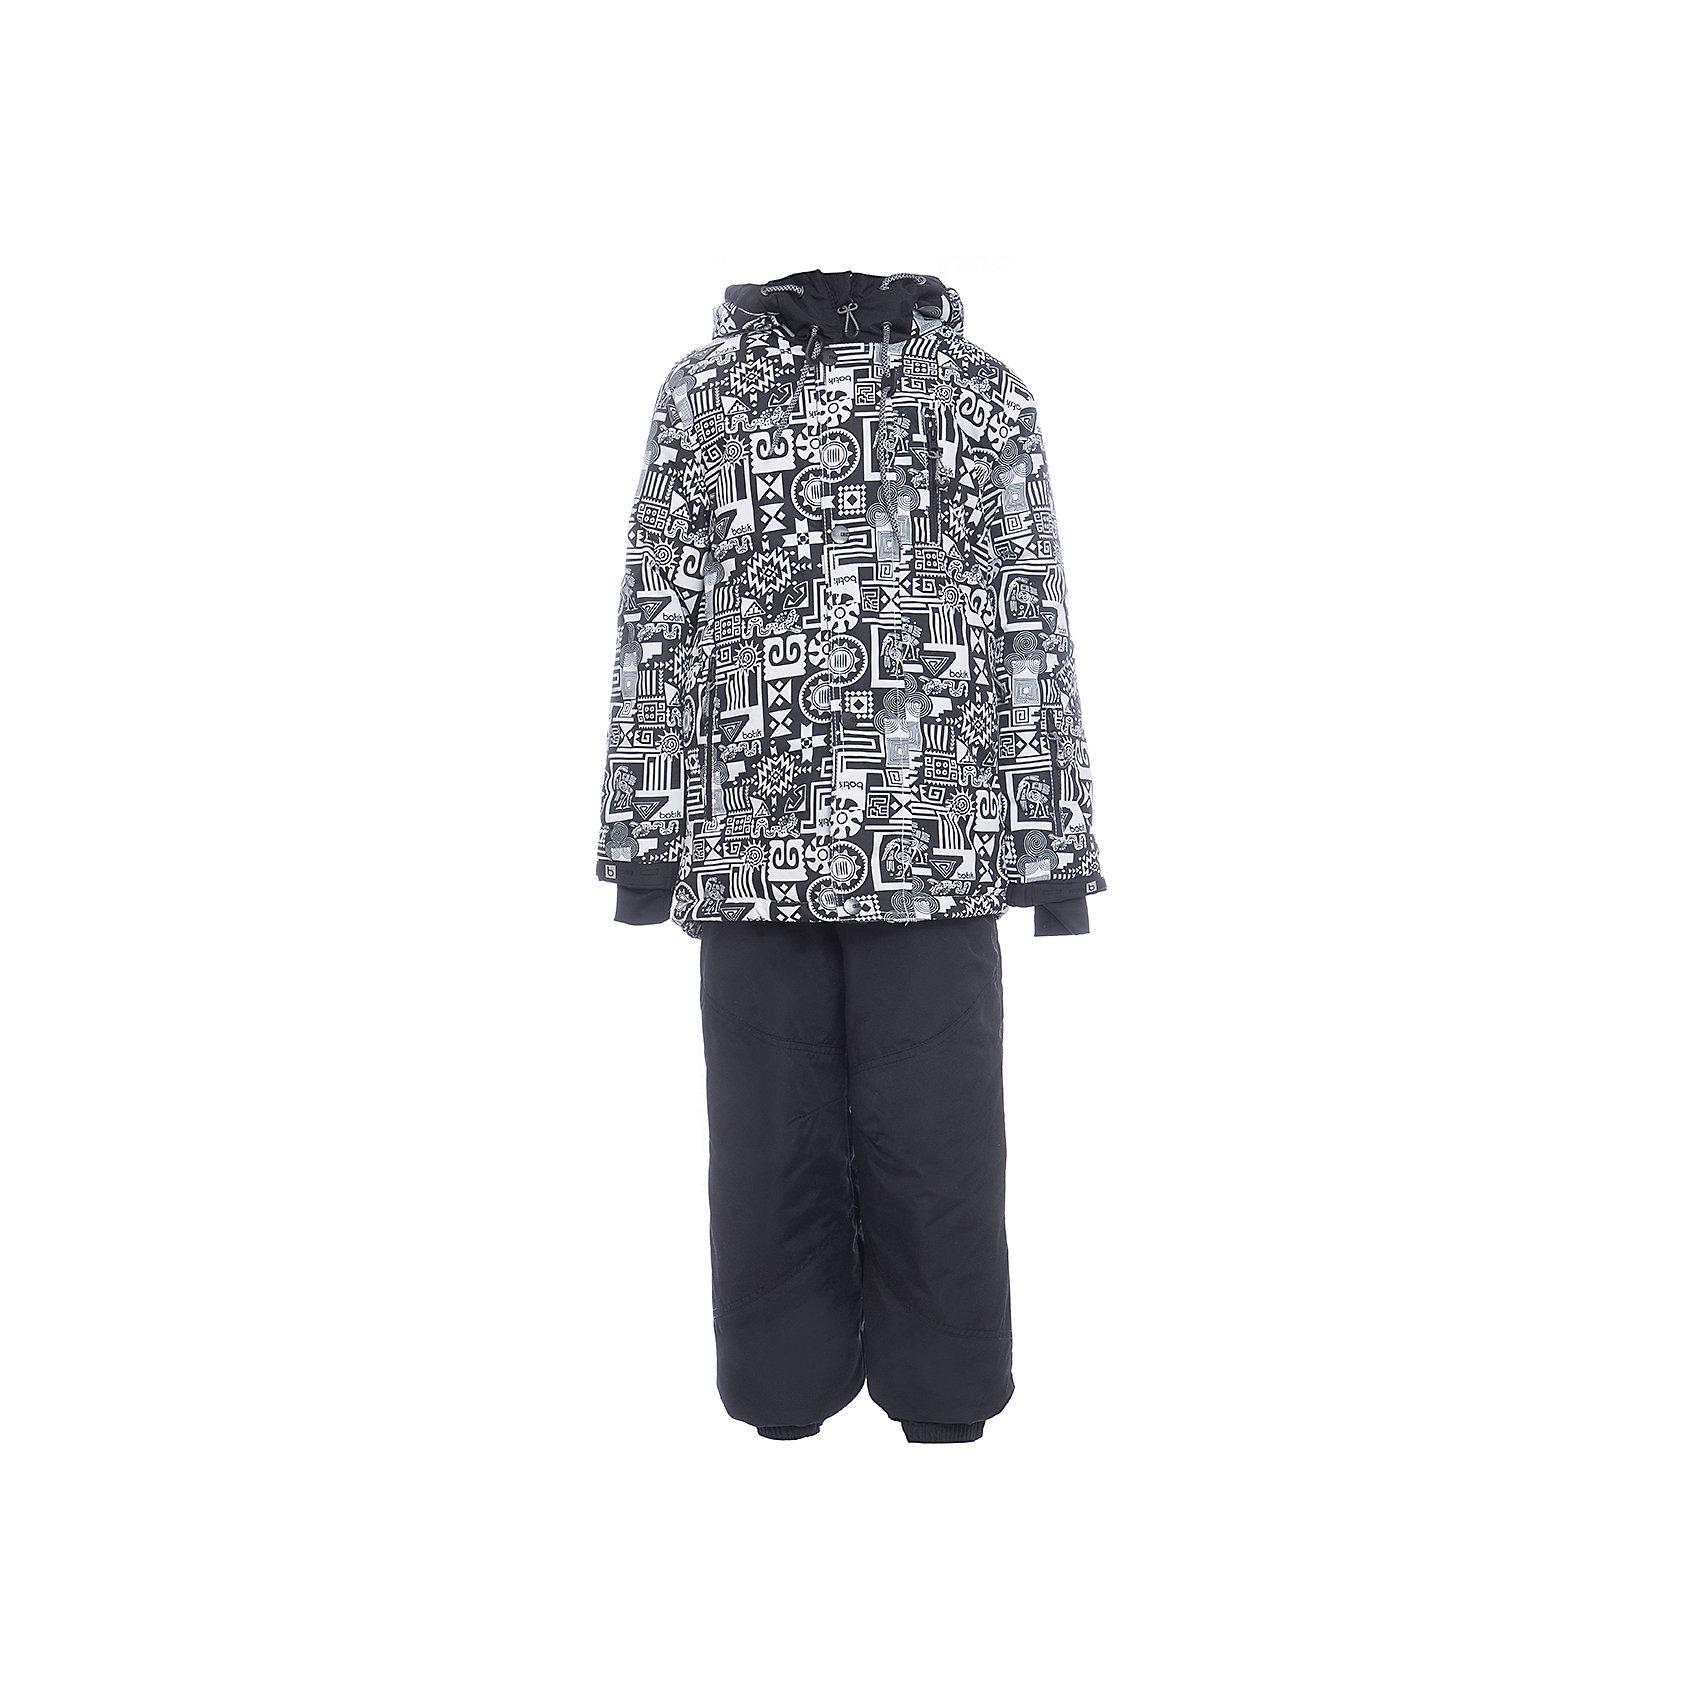 Комплект: куртка и полукомбенизон Сэм Batik для мальчикаВерхняя одежда<br>Характеристики товара:<br><br>• цвет: белый<br>• комплектация: куртка и полукомбинезон<br>• состав ткани: таслан<br>• подкладка: поларфлис<br>• утеплитель: слайтекс<br>• сезон: зима<br>• мембранное покрытие<br>• температурный режим: от -35 до 0<br>• водонепроницаемость: 5000 мм <br>• паропроницаемость: 5000 г/м2<br>• плотность утеплителя: куртка - 350 г/м2, полукомбинезон - 200 г/м2<br>• застежка: молния<br>• капюшон: без меха, отстегивается<br>• встроенный термодатчик<br>• страна бренда: Россия<br>• страна изготовитель: Россия<br><br>Тепло и удобно одеть ребенка зимой поможет этот мембранный комплект. Зимний детский комплект защитит ребенка от попадания снега внутрь благодаря манжетам. Мембранное покрытие этого комплекта для мальчика не пропускает ветер и мороз. Это зимний комплект для мальчика дополнен удобными карманами и капюшоном. <br><br>Комплект: куртка и полукомбинезон Сэм Batik (Батик) для мальчика можно купить в нашем интернет-магазине.<br><br>Ширина мм: 356<br>Глубина мм: 10<br>Высота мм: 245<br>Вес г: 519<br>Цвет: белый<br>Возраст от месяцев: 156<br>Возраст до месяцев: 168<br>Пол: Мужской<br>Возраст: Детский<br>Размер: 164,122,128,134,140,146,152,158<br>SKU: 7028409